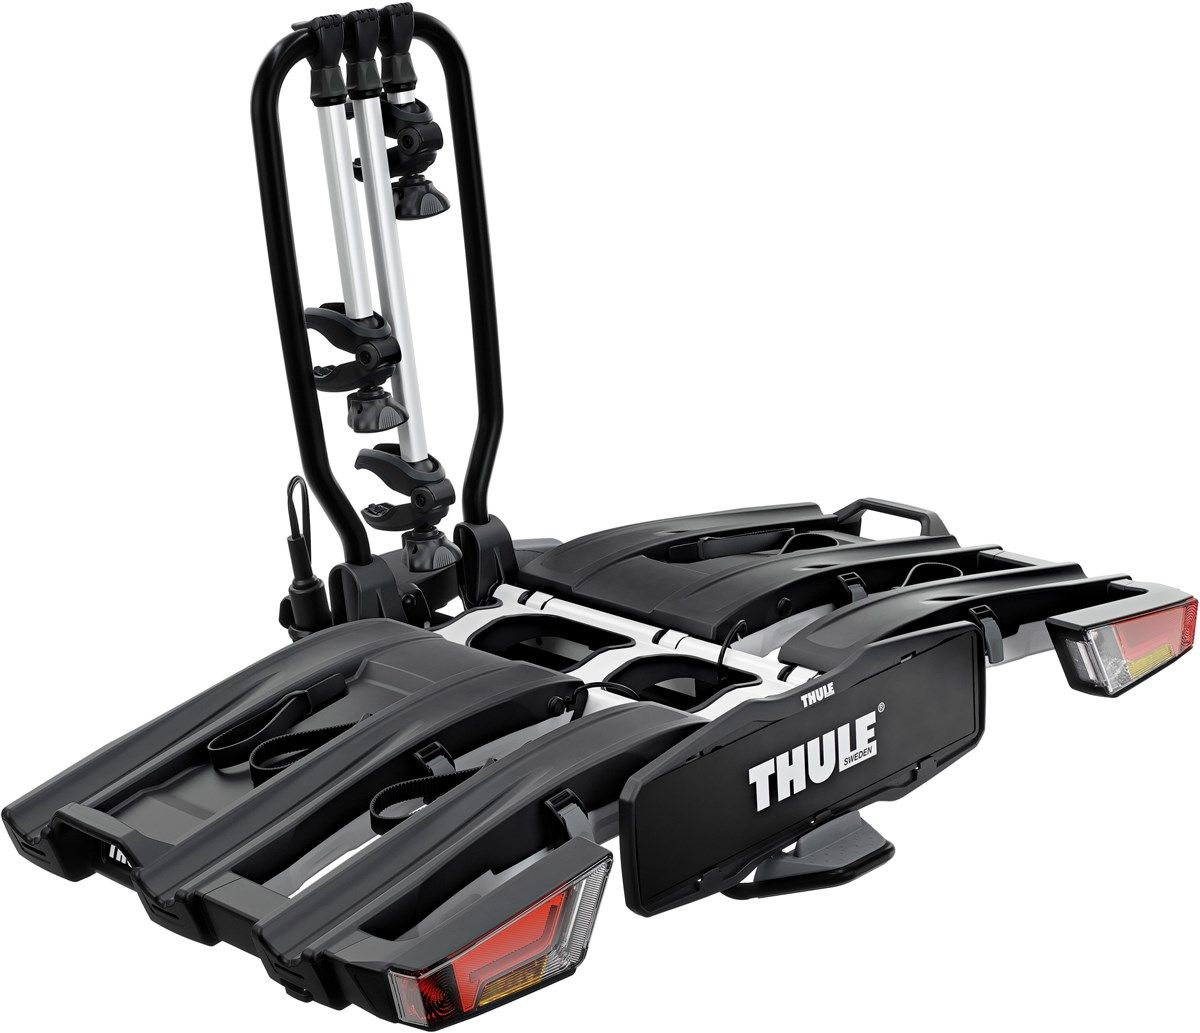 Thule 934 Easyfold Xt Cycle Carrier Bike Bike Rack